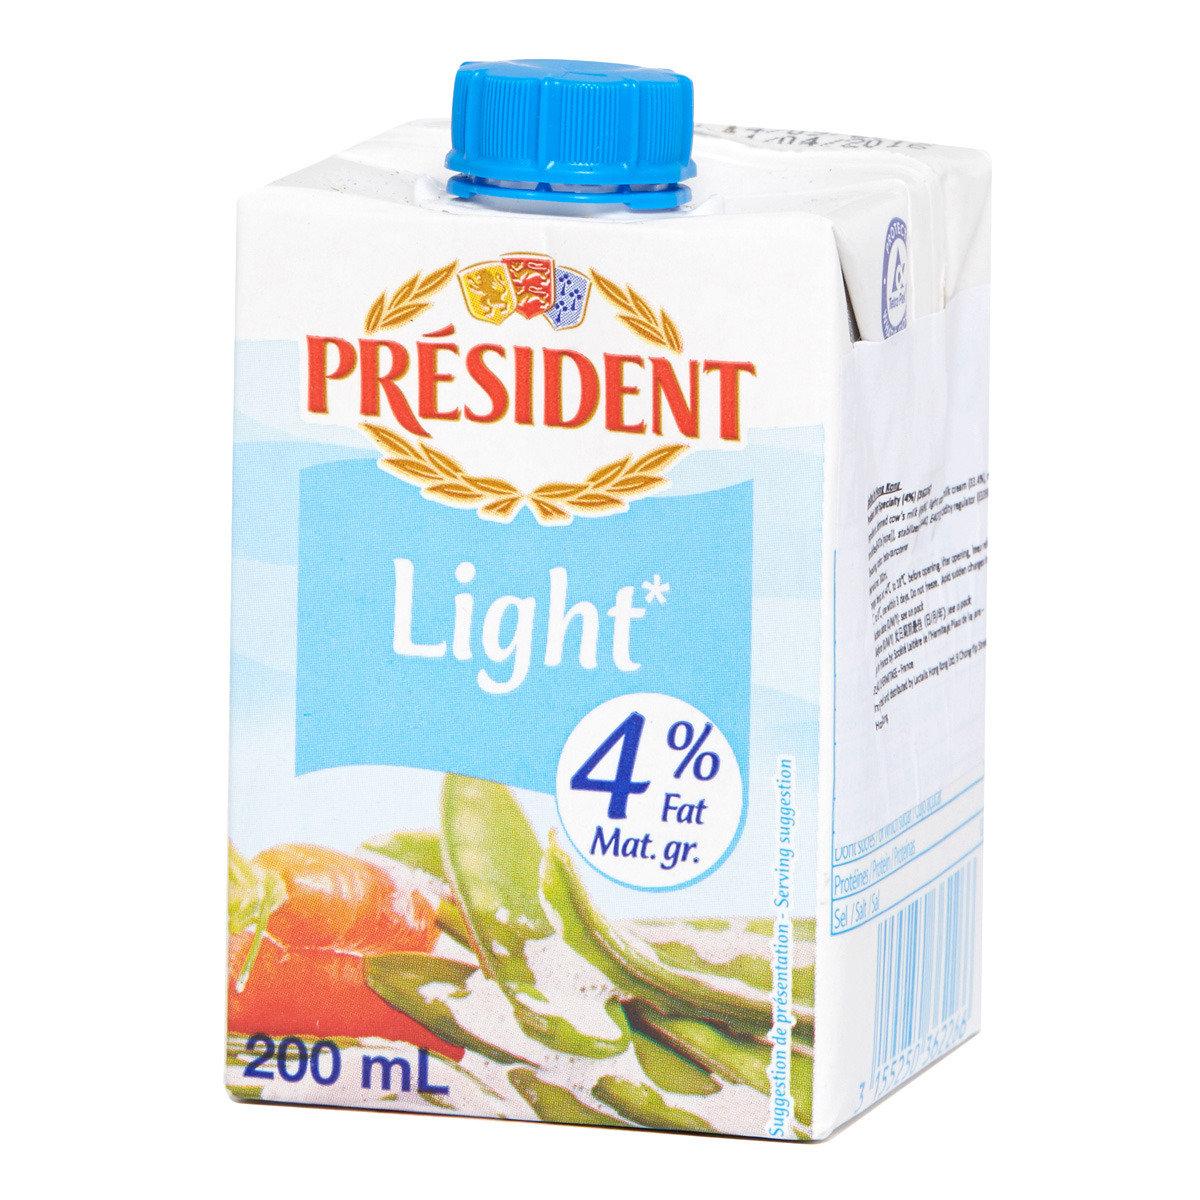 低脂忌廉 (冷凍)